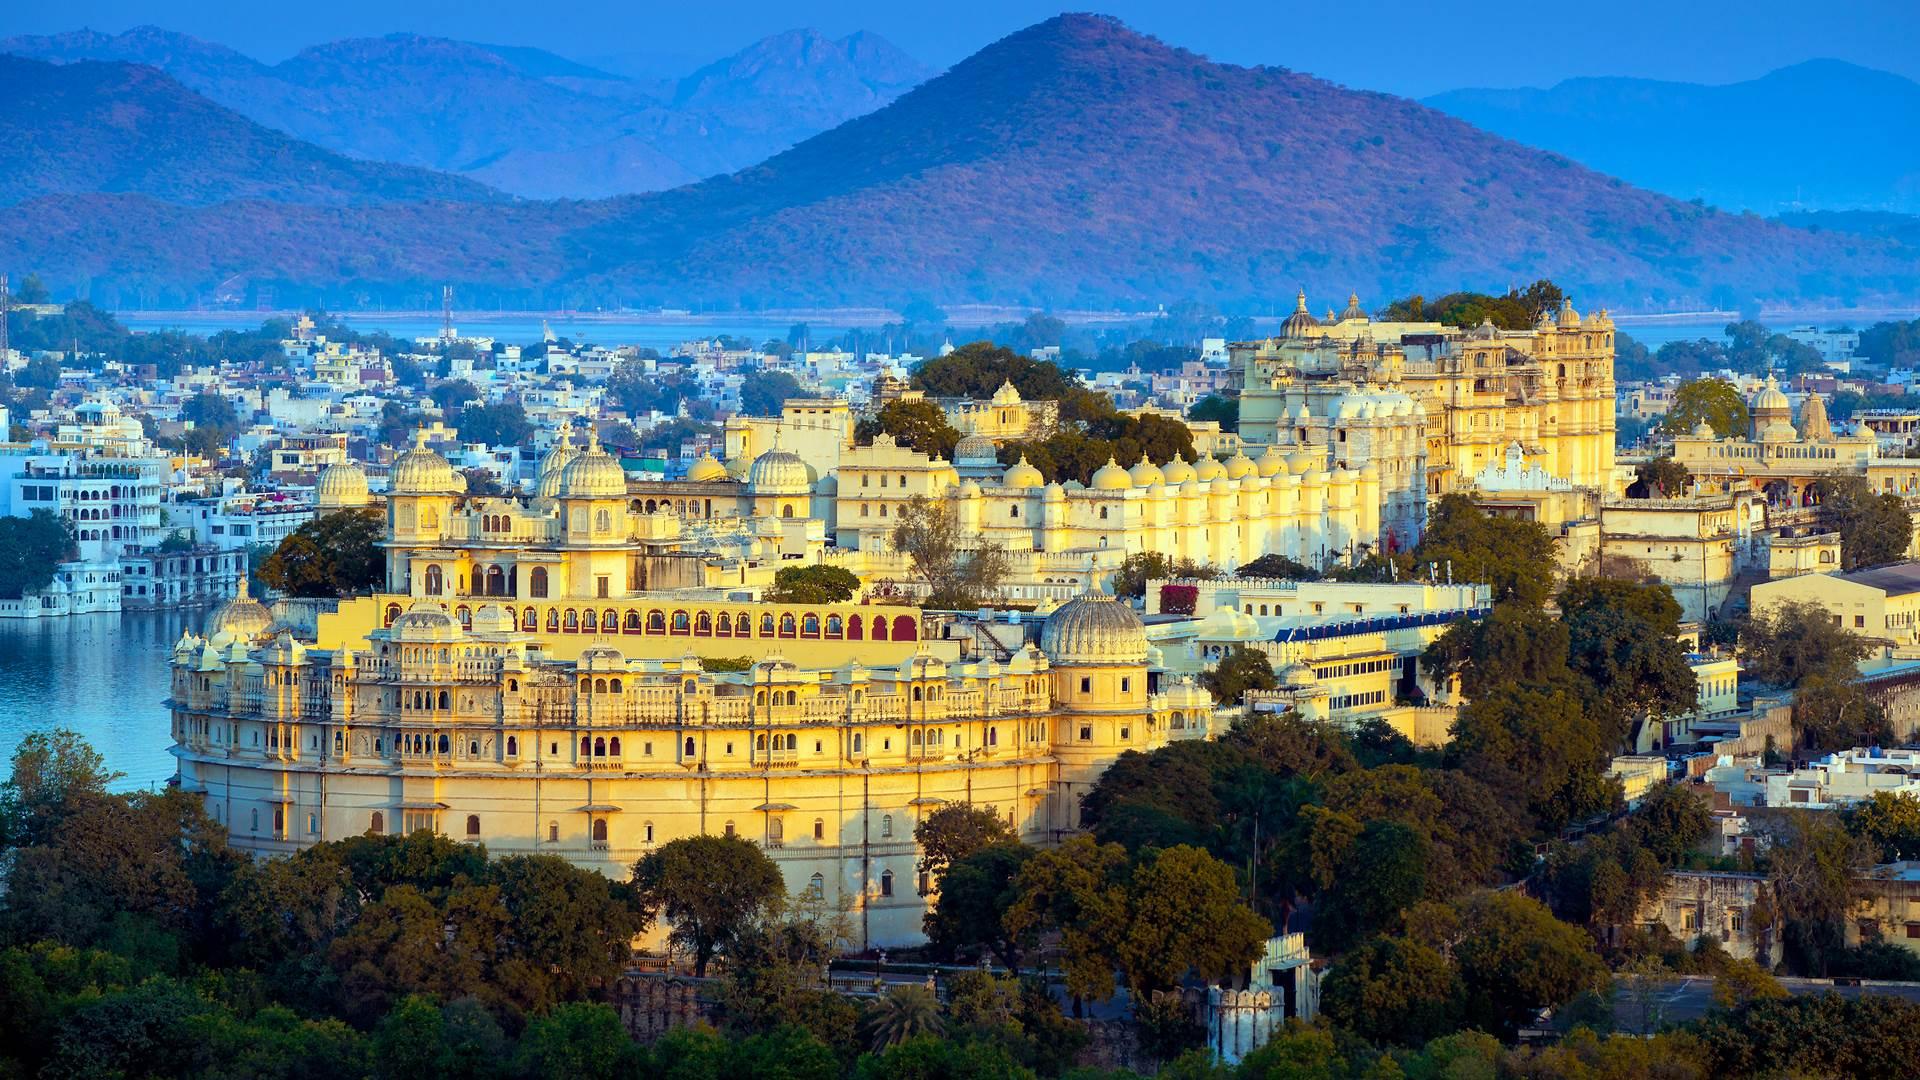 皮丘拉湖畔的乌代布尔城市宫殿,印度